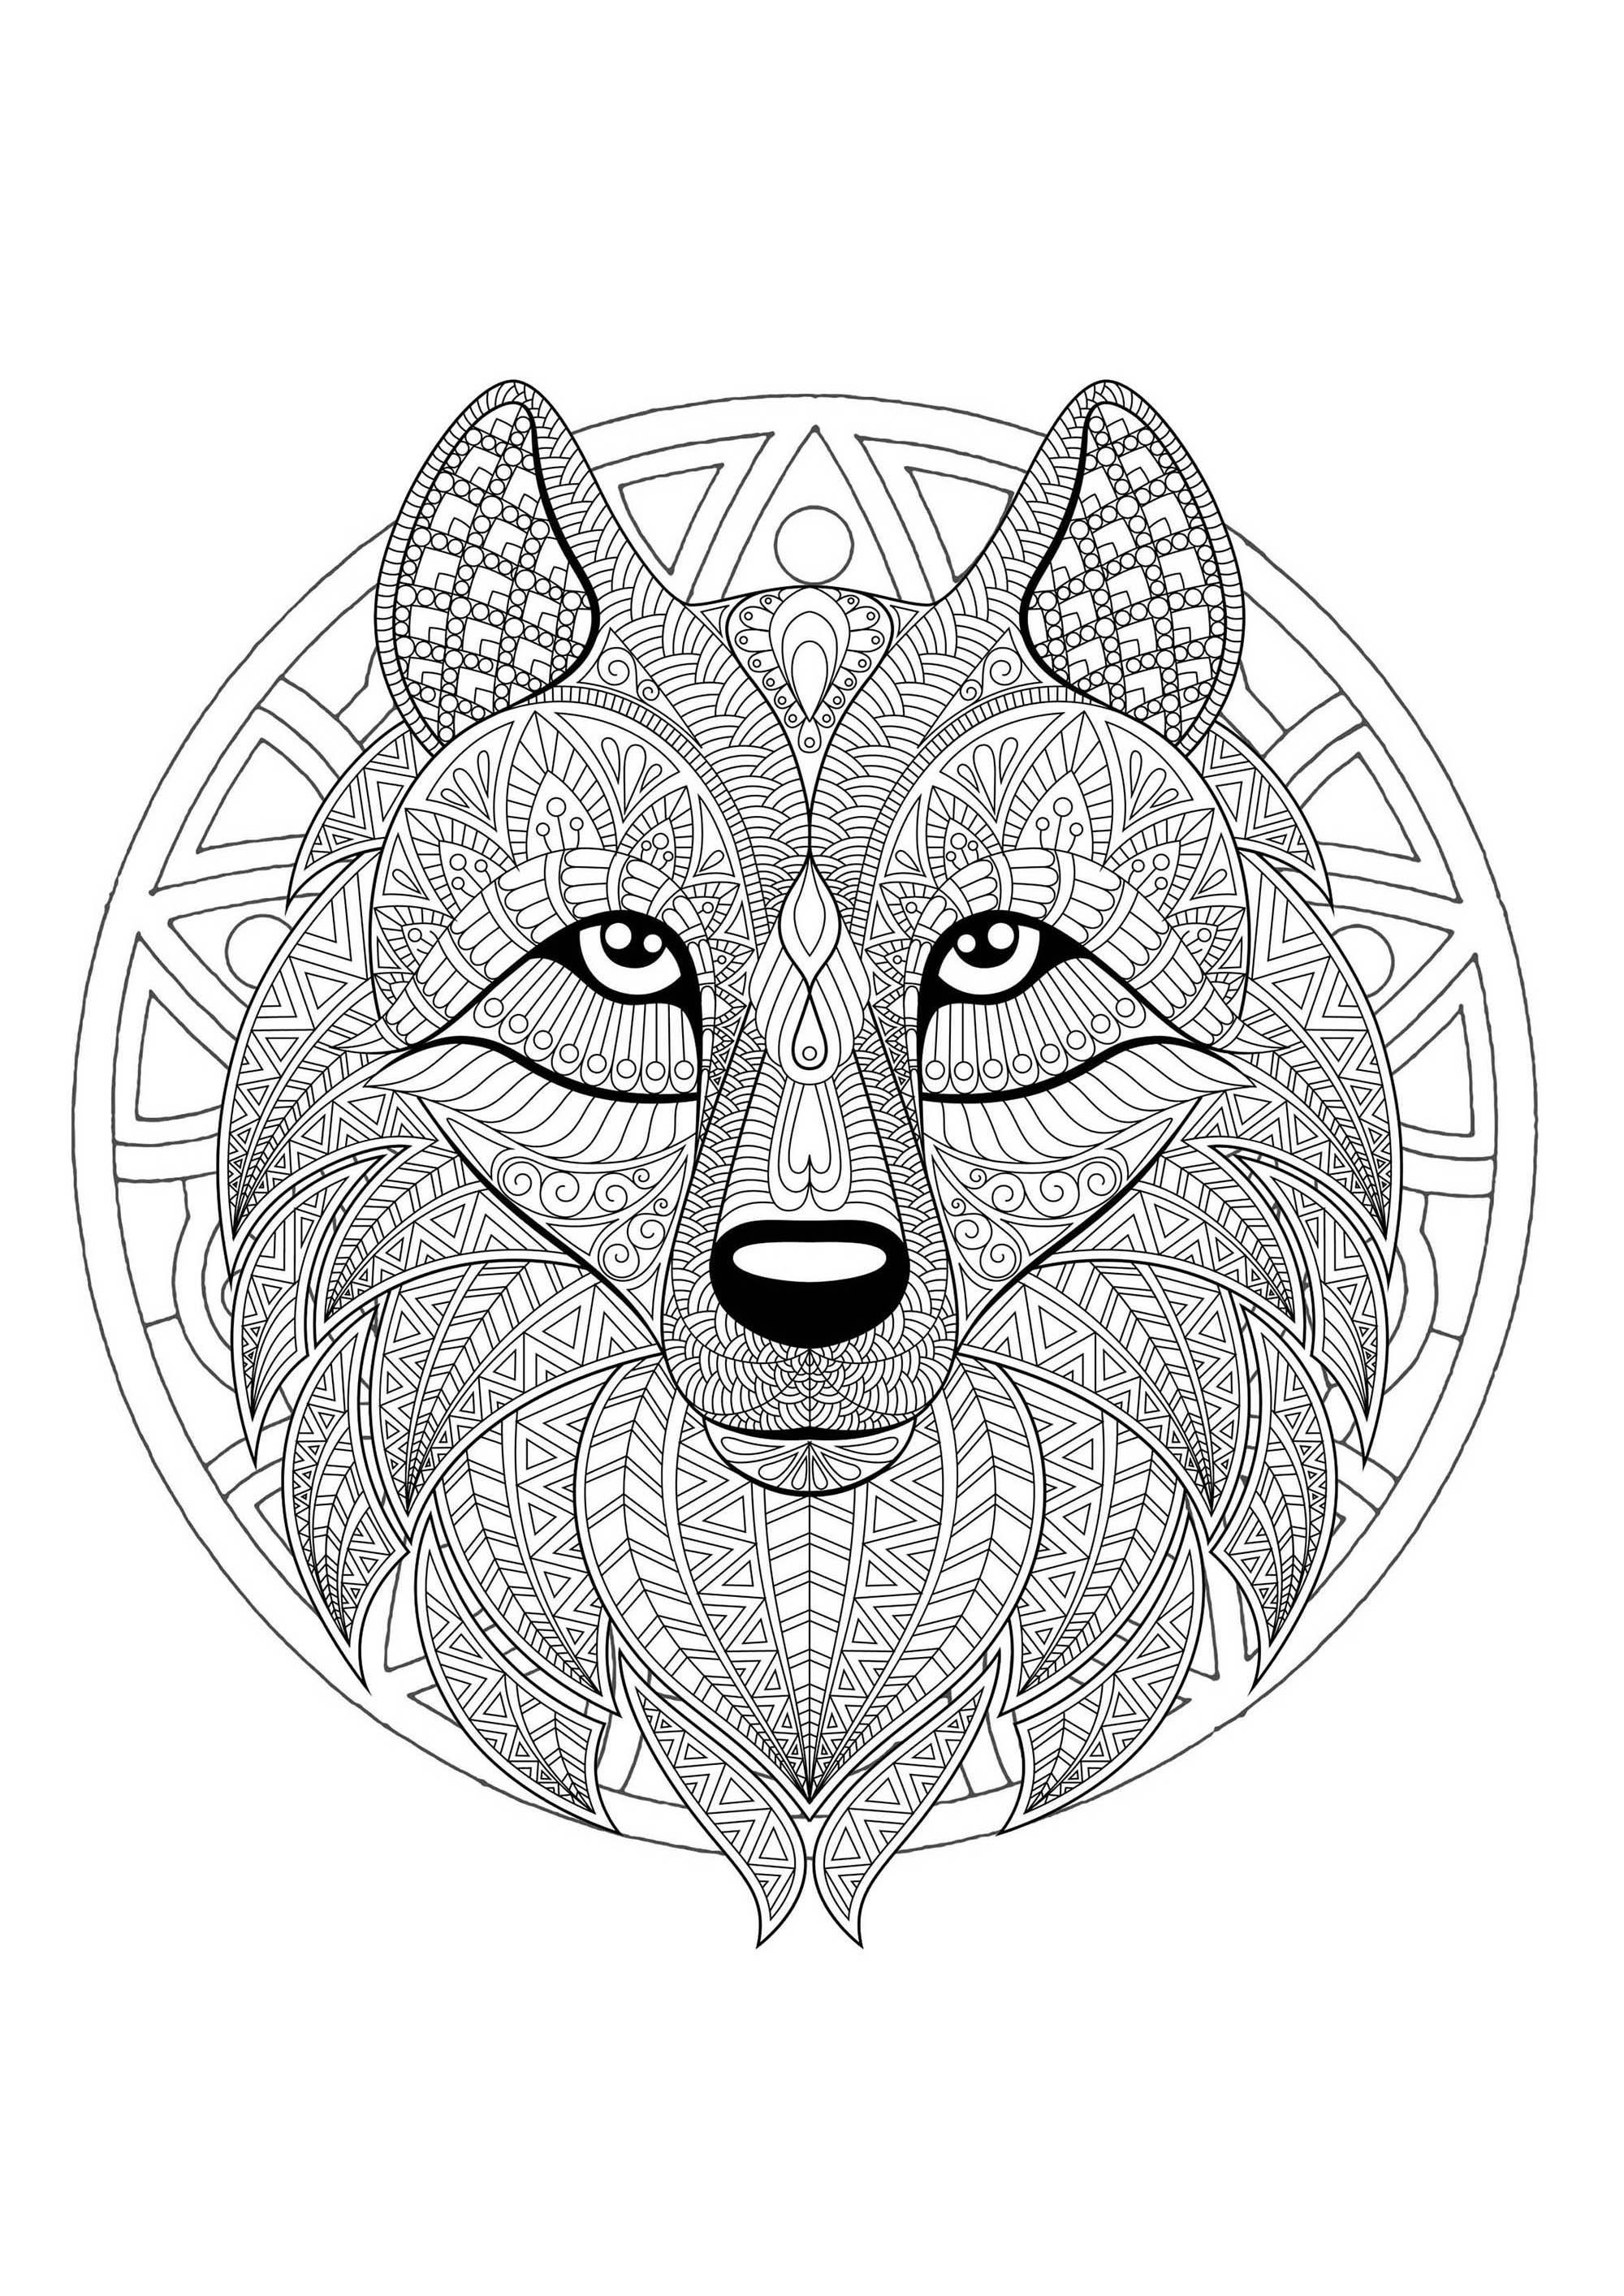 Dessin À Imprimer Mandala Loup - Coloriage Tigre Mandala